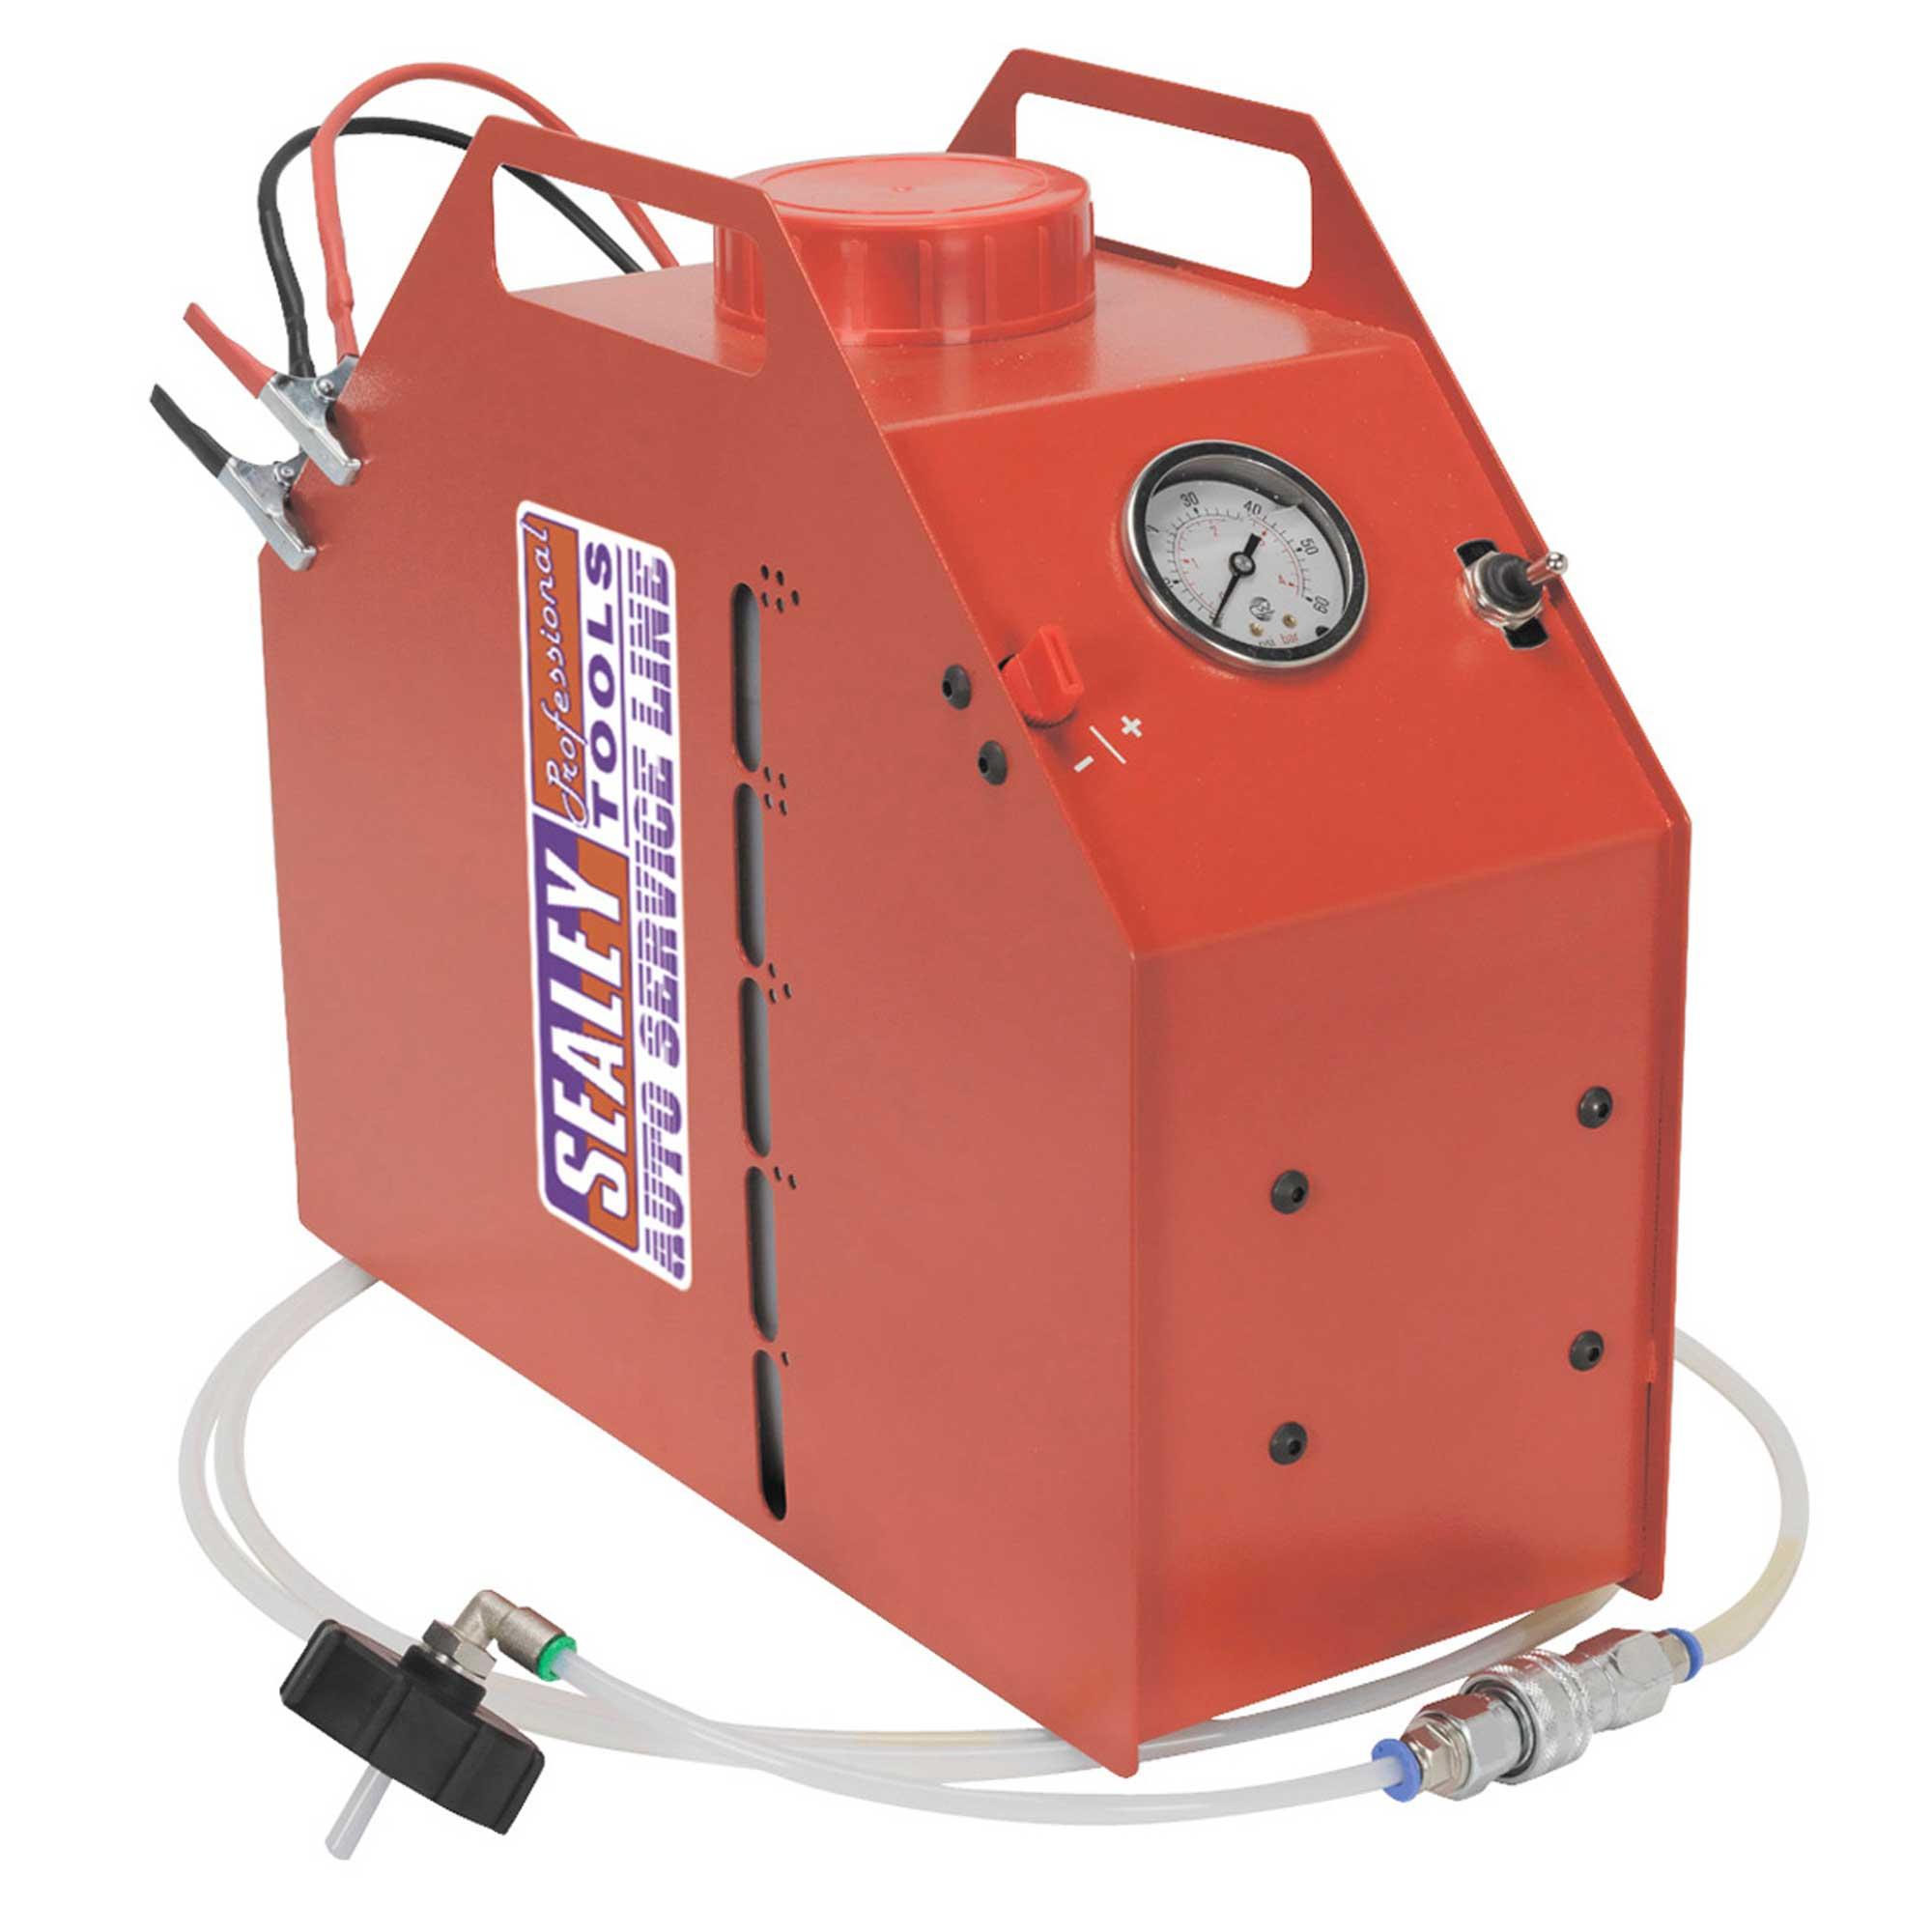 Details about Sealey One Man Car/Vehicle Brake Fluid Bleeding/Bleeder 12V  Battery - VS0208